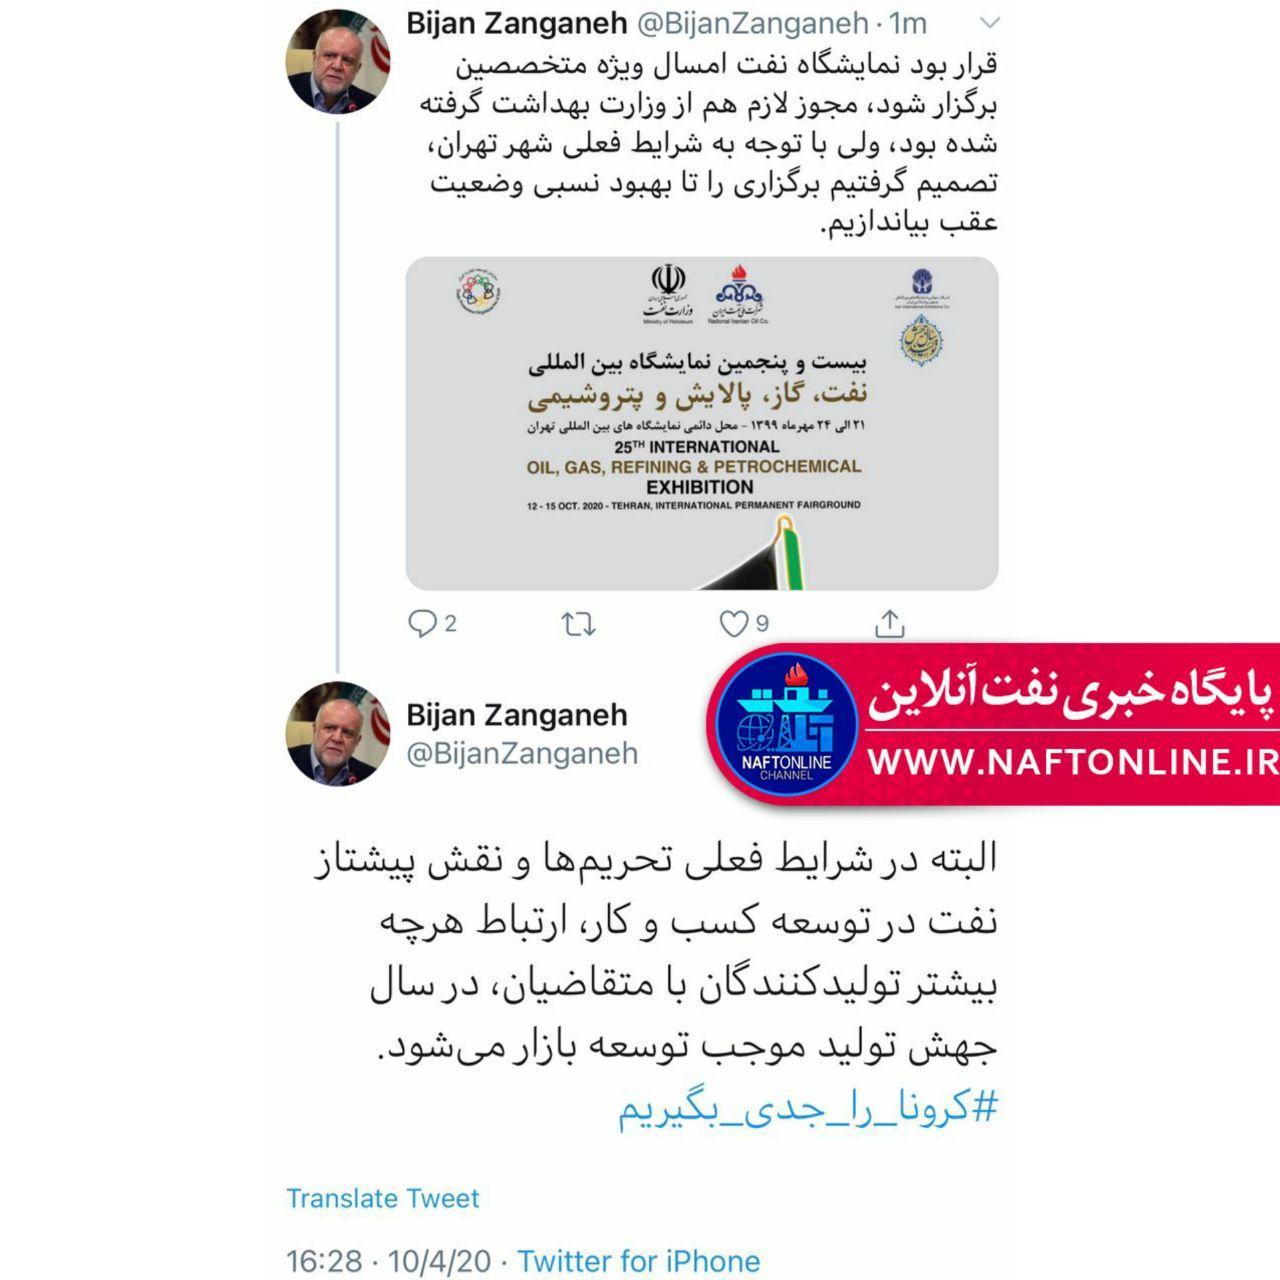 توییت نوشت | twitter | تعویق زمان برگزاری نمایشگاه تهران